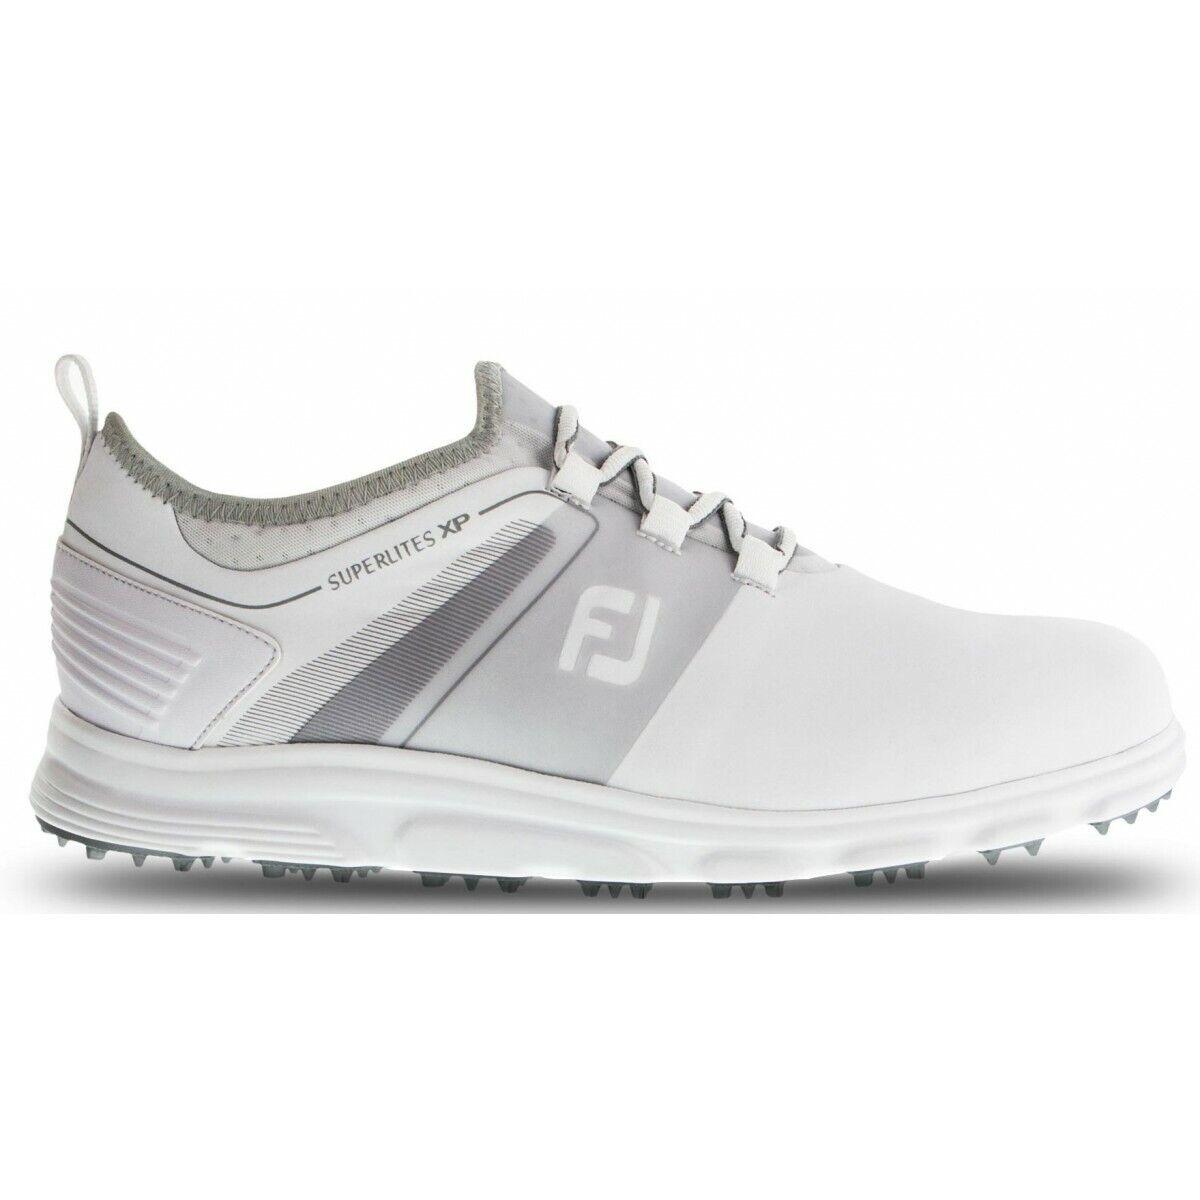 New Footjoy SuperLites XP Golf Shoes Choose Size Color Super Lite XP